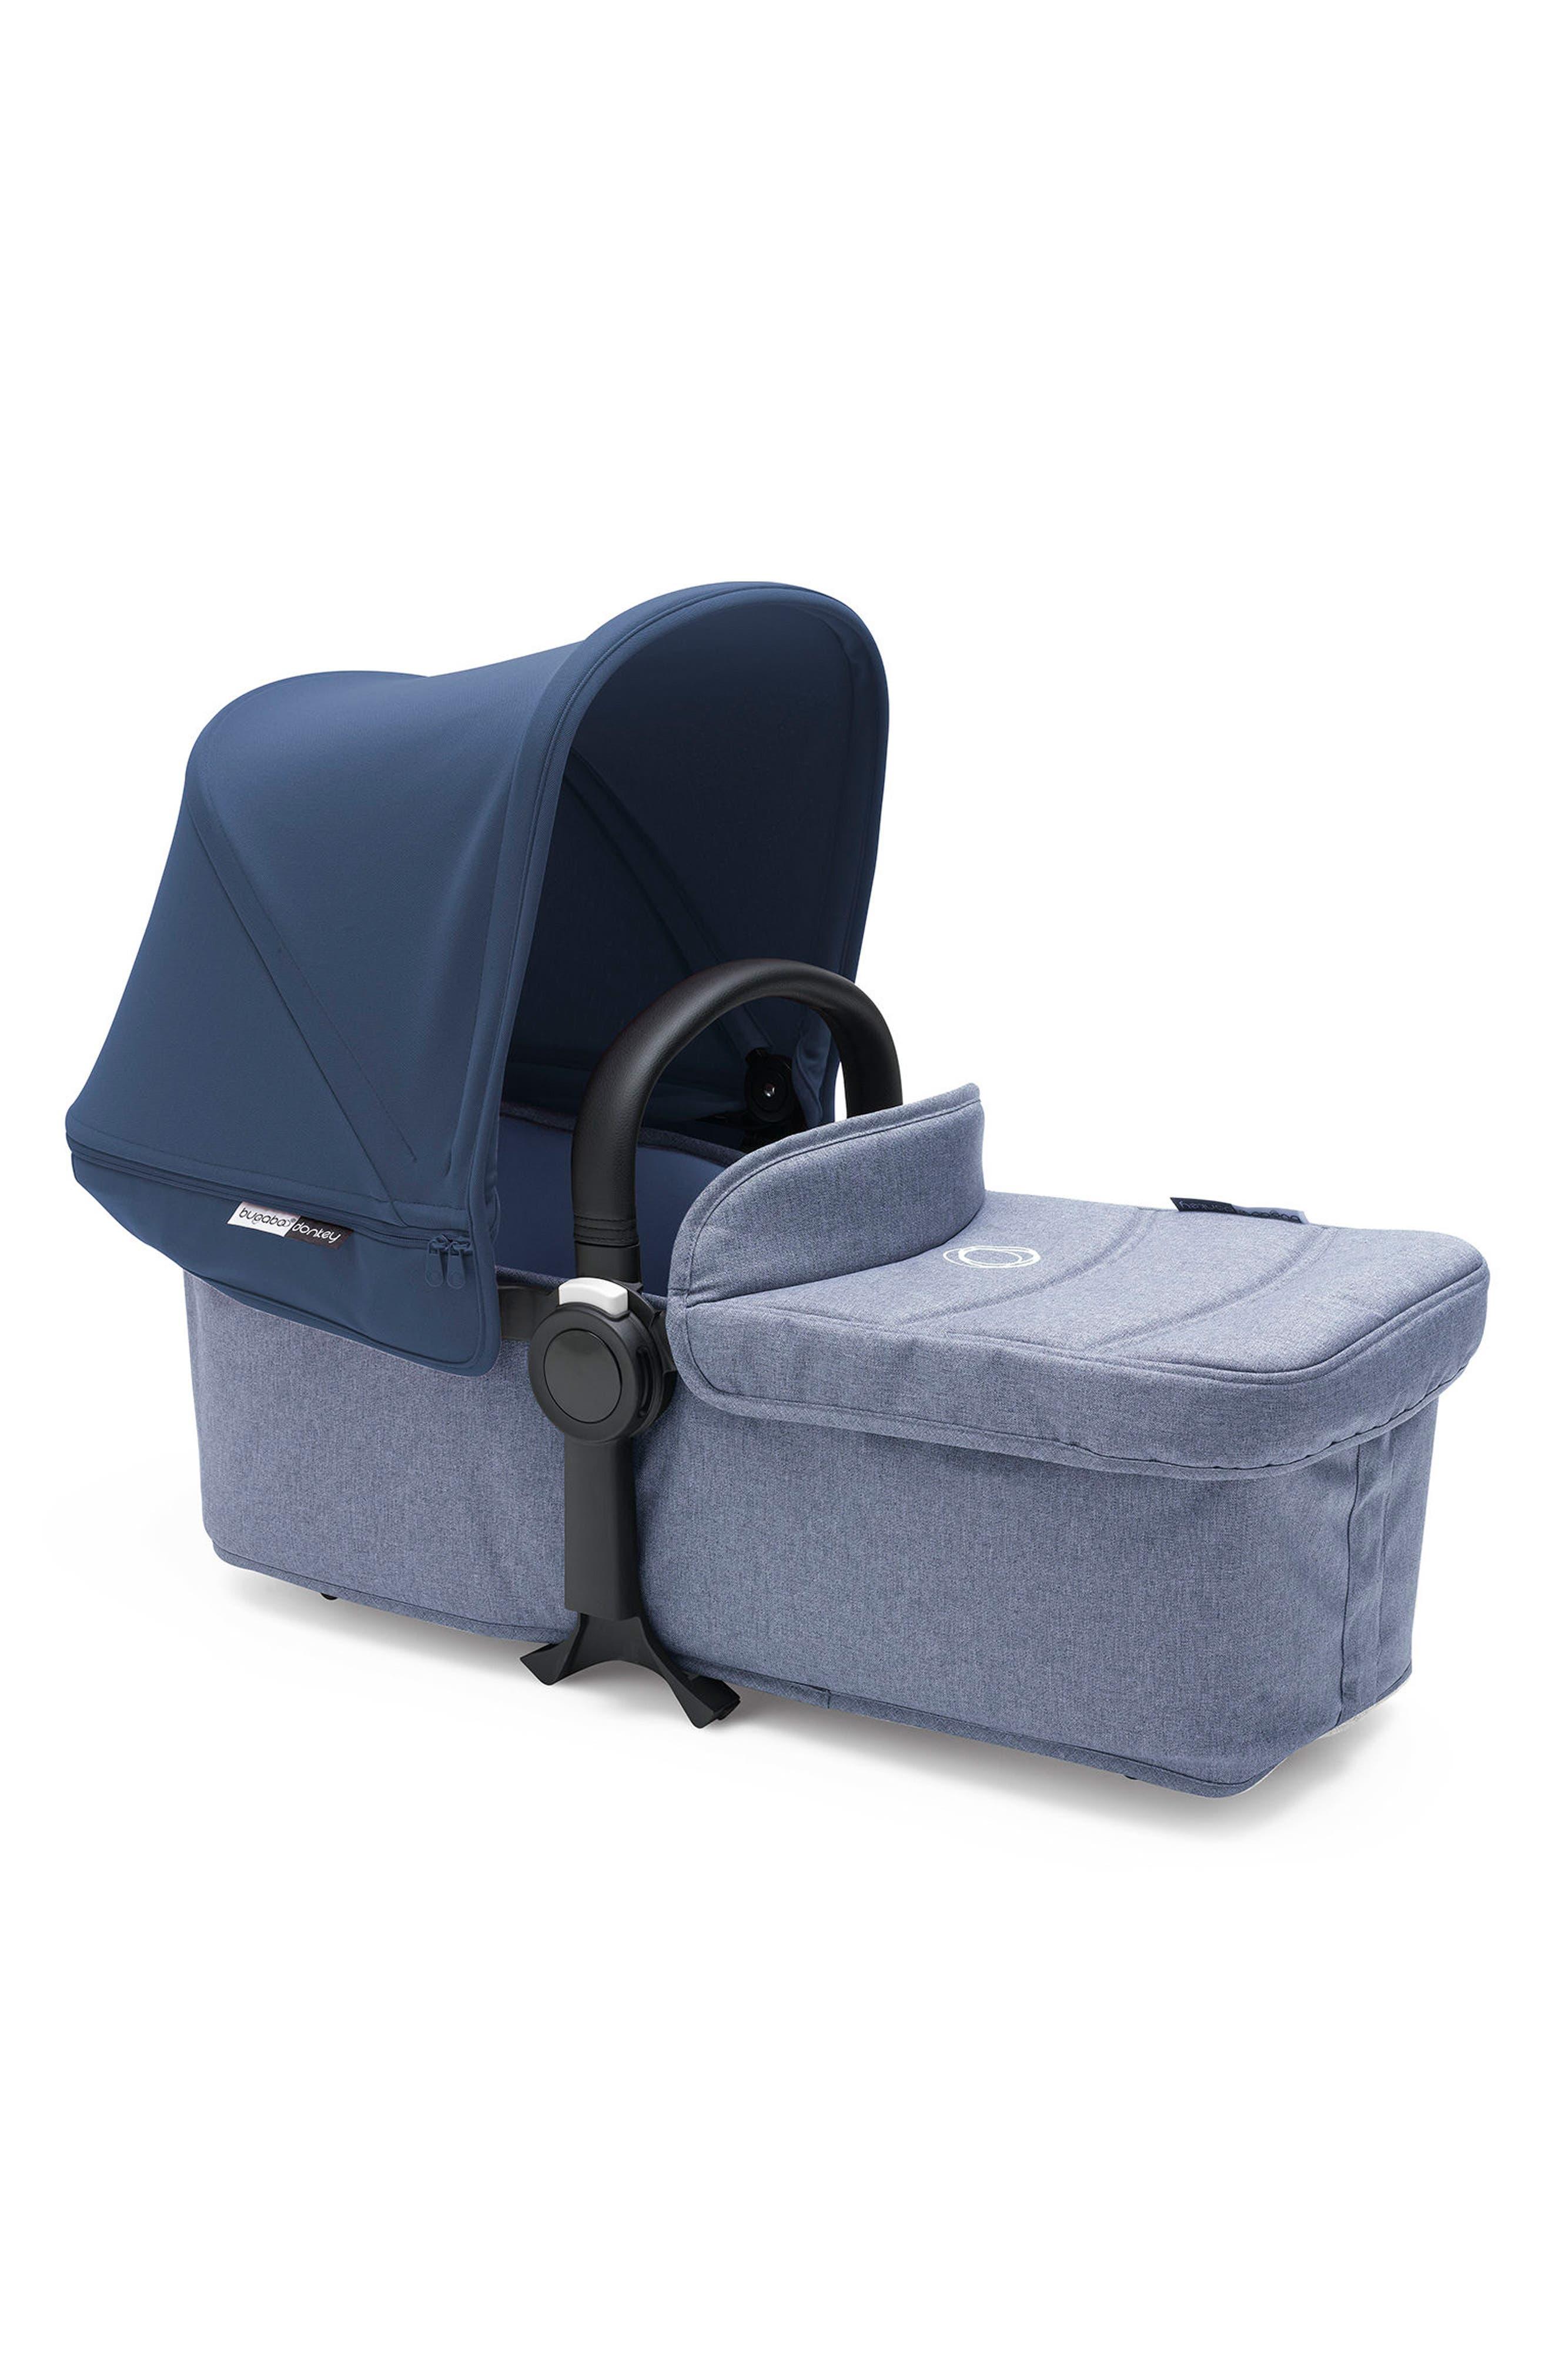 Bassinet Tailored Fabric Set for Donkey2 Stroller,                         Main,                         color, Blue Melange